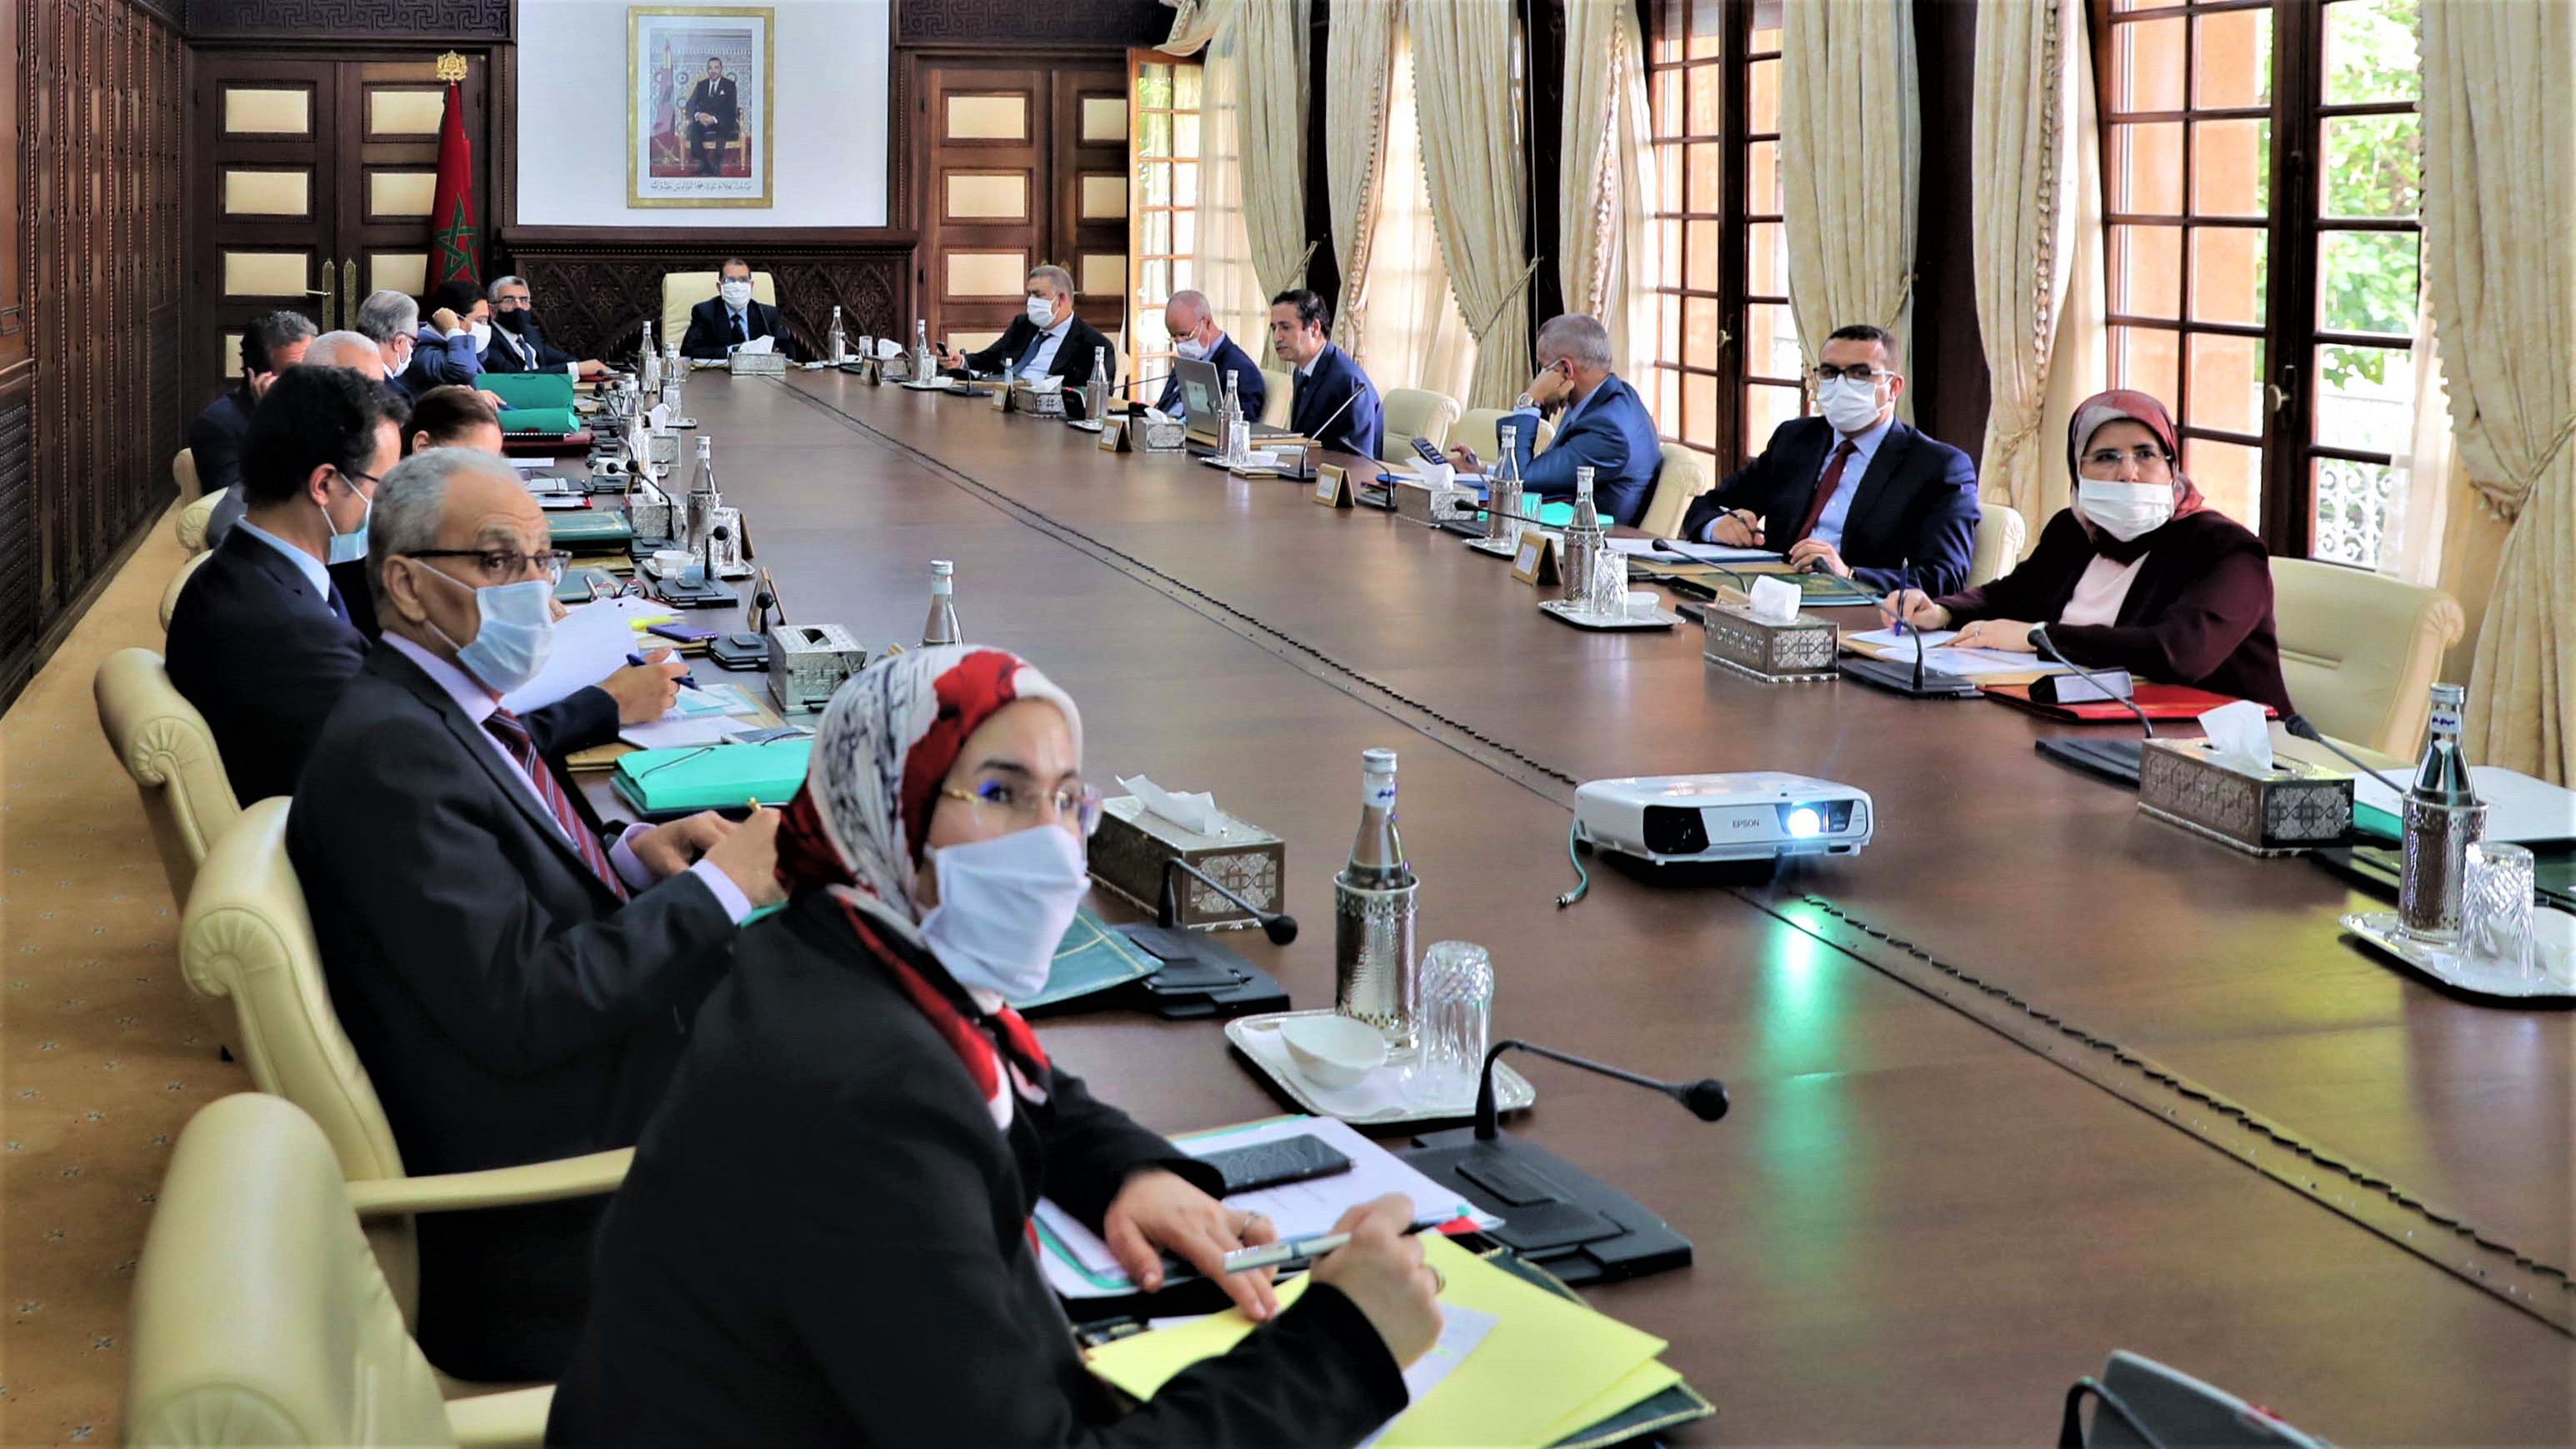 Réunion du Conseil de gouvernement sous la présidence du Chef du gouvernement, Saad Dine El Otmani.